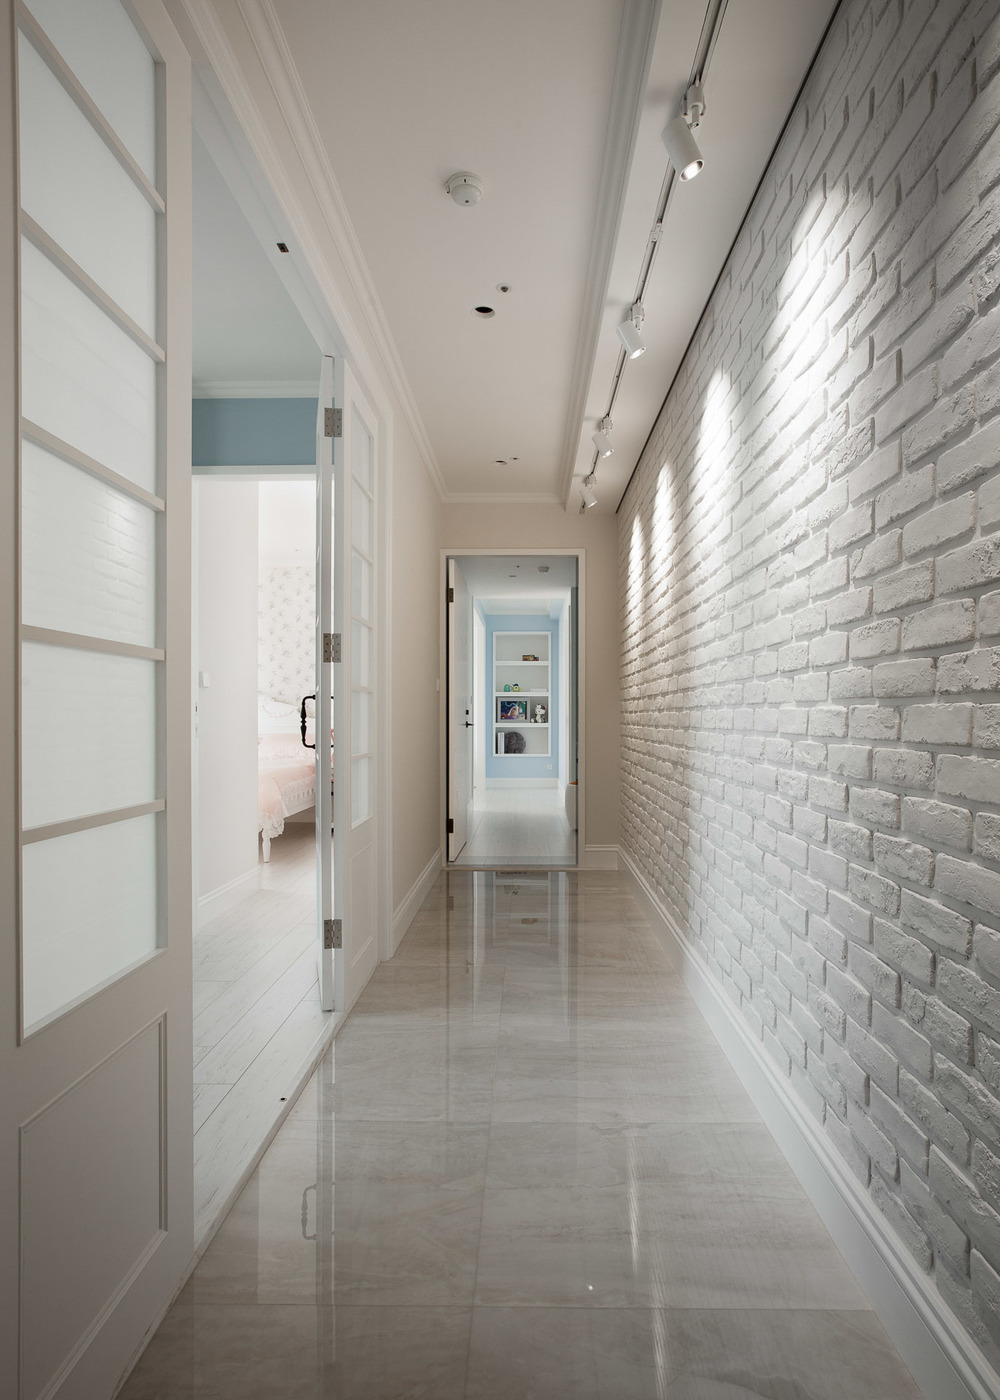 Interior-047-2.jpg